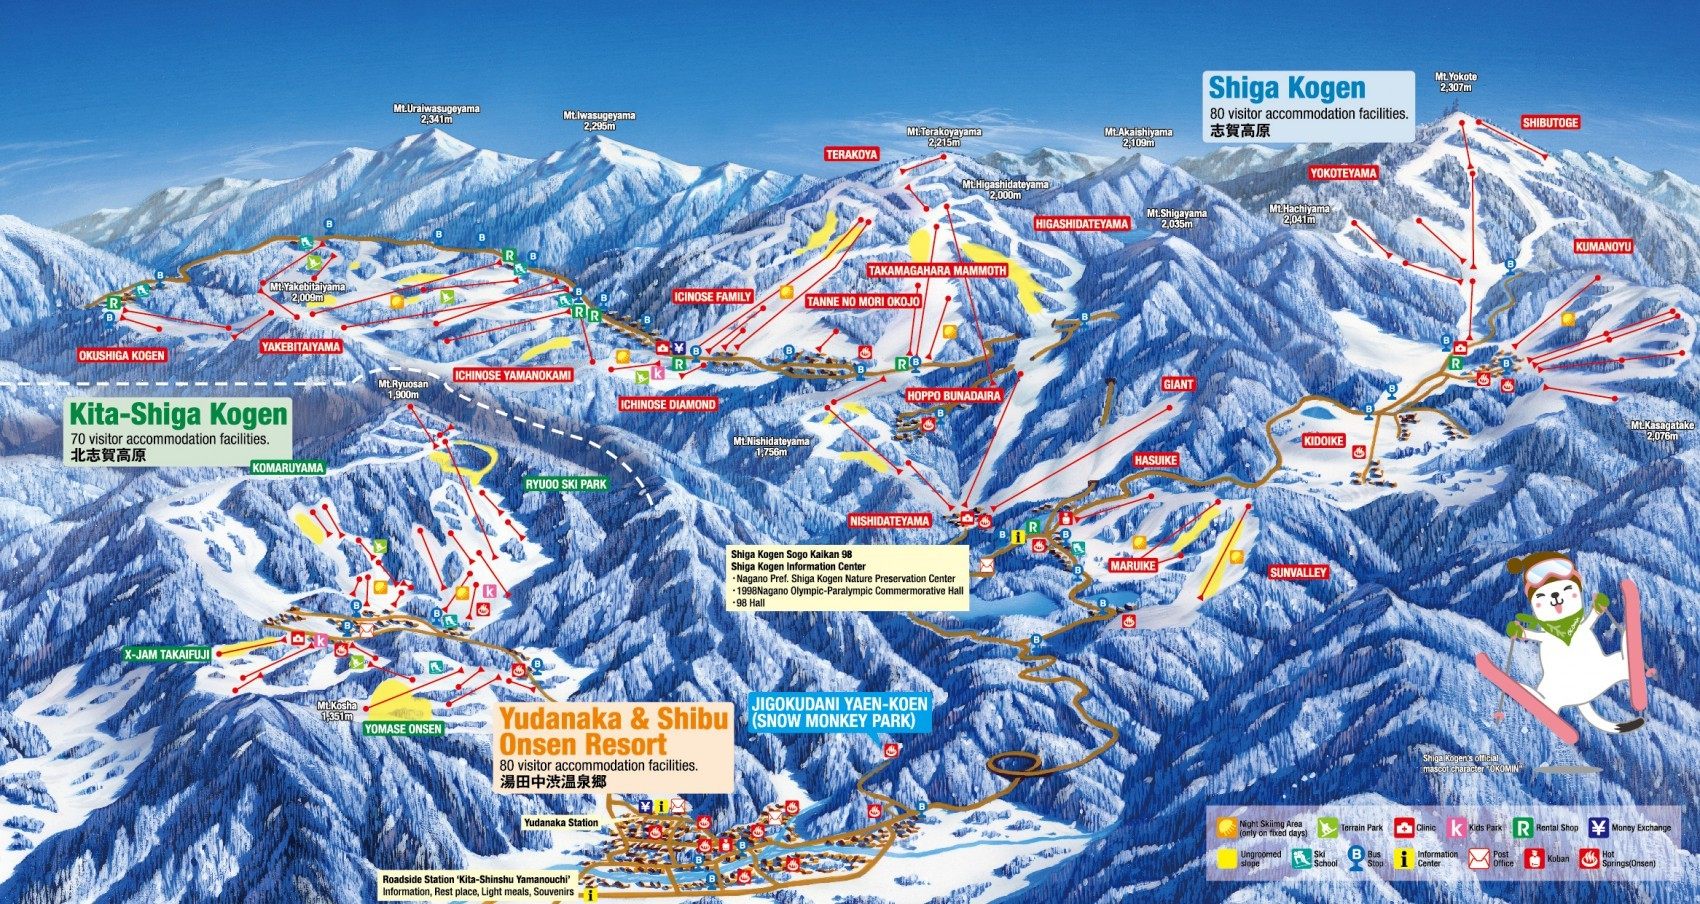 shiga-kogen-large-map